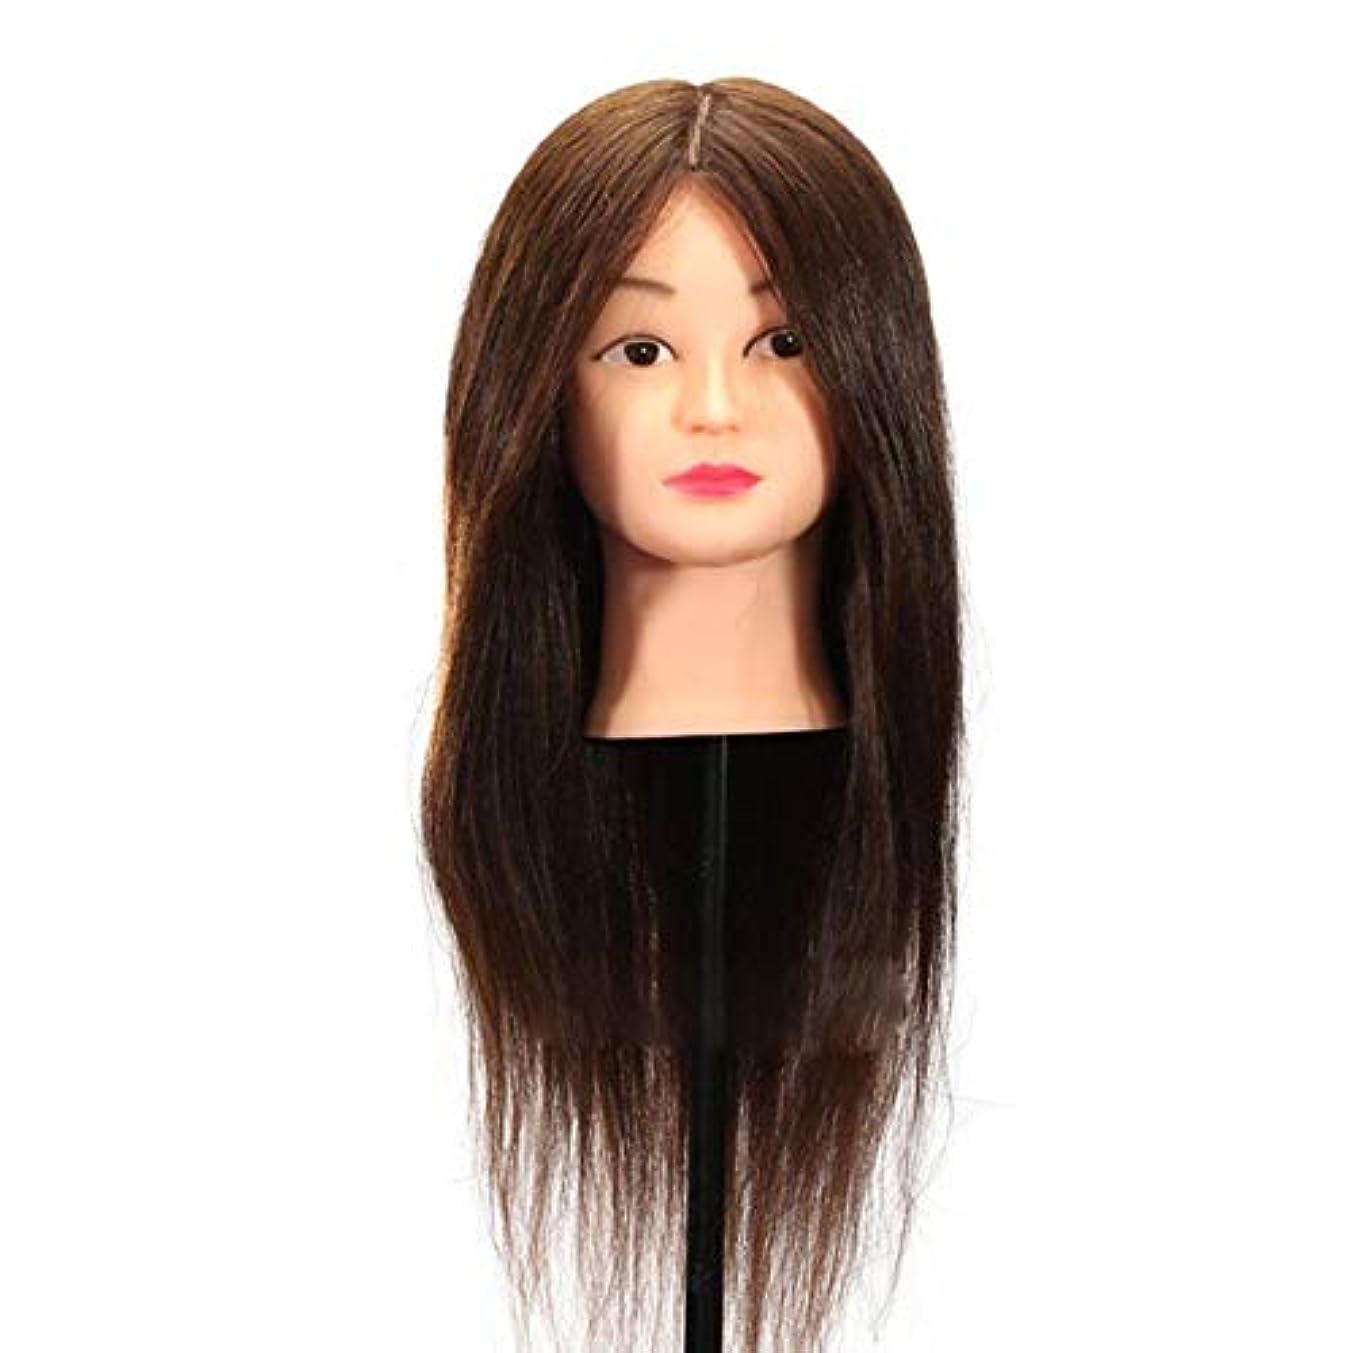 災難フォージレジデンスヘアマネキンヘッド練習ディスク髪編組ヘッドモデル理髪店学校教育かつらヘッドバンドブラケット